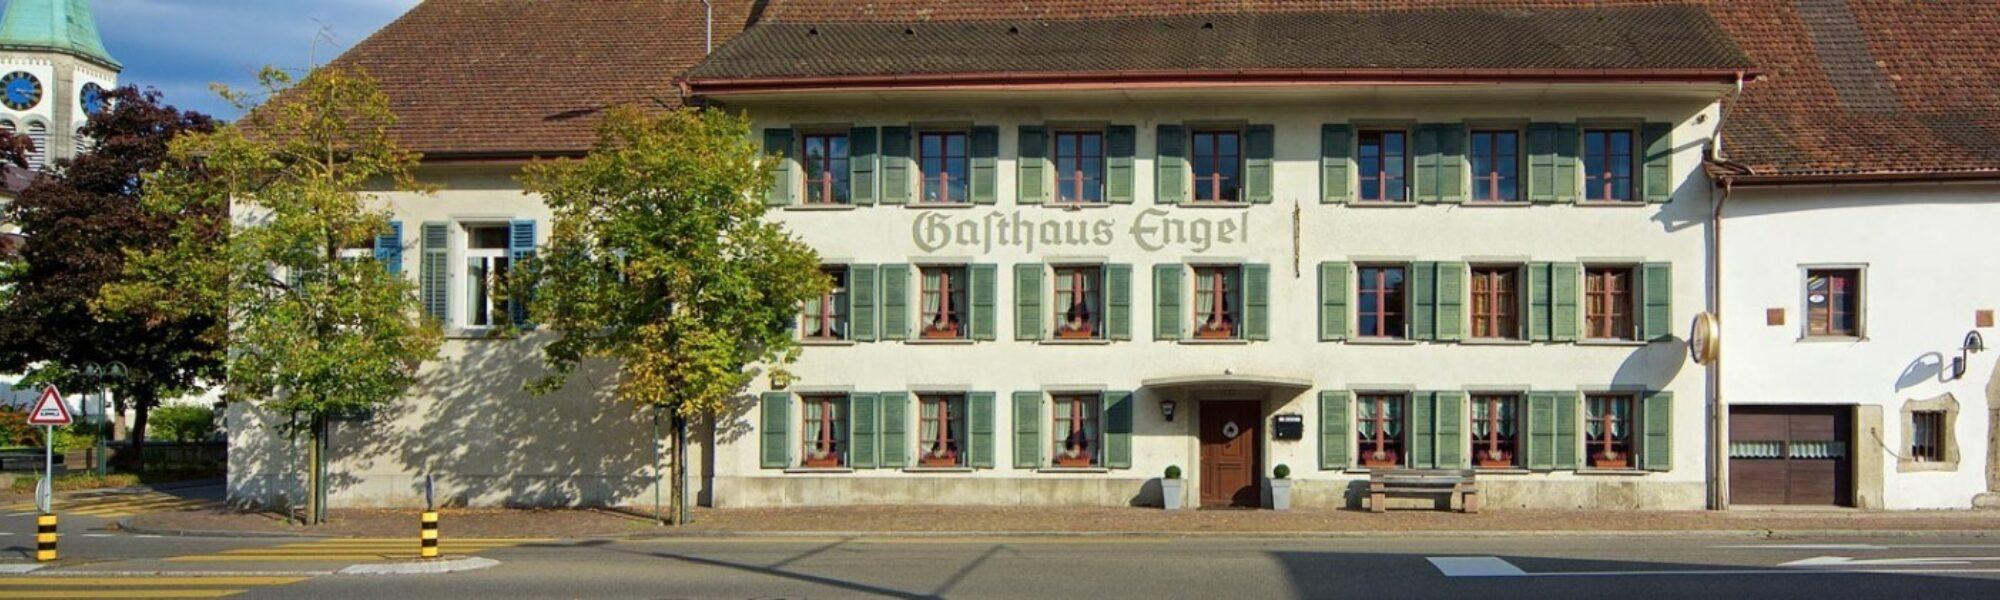 Gasthof Engel Oberentfelden